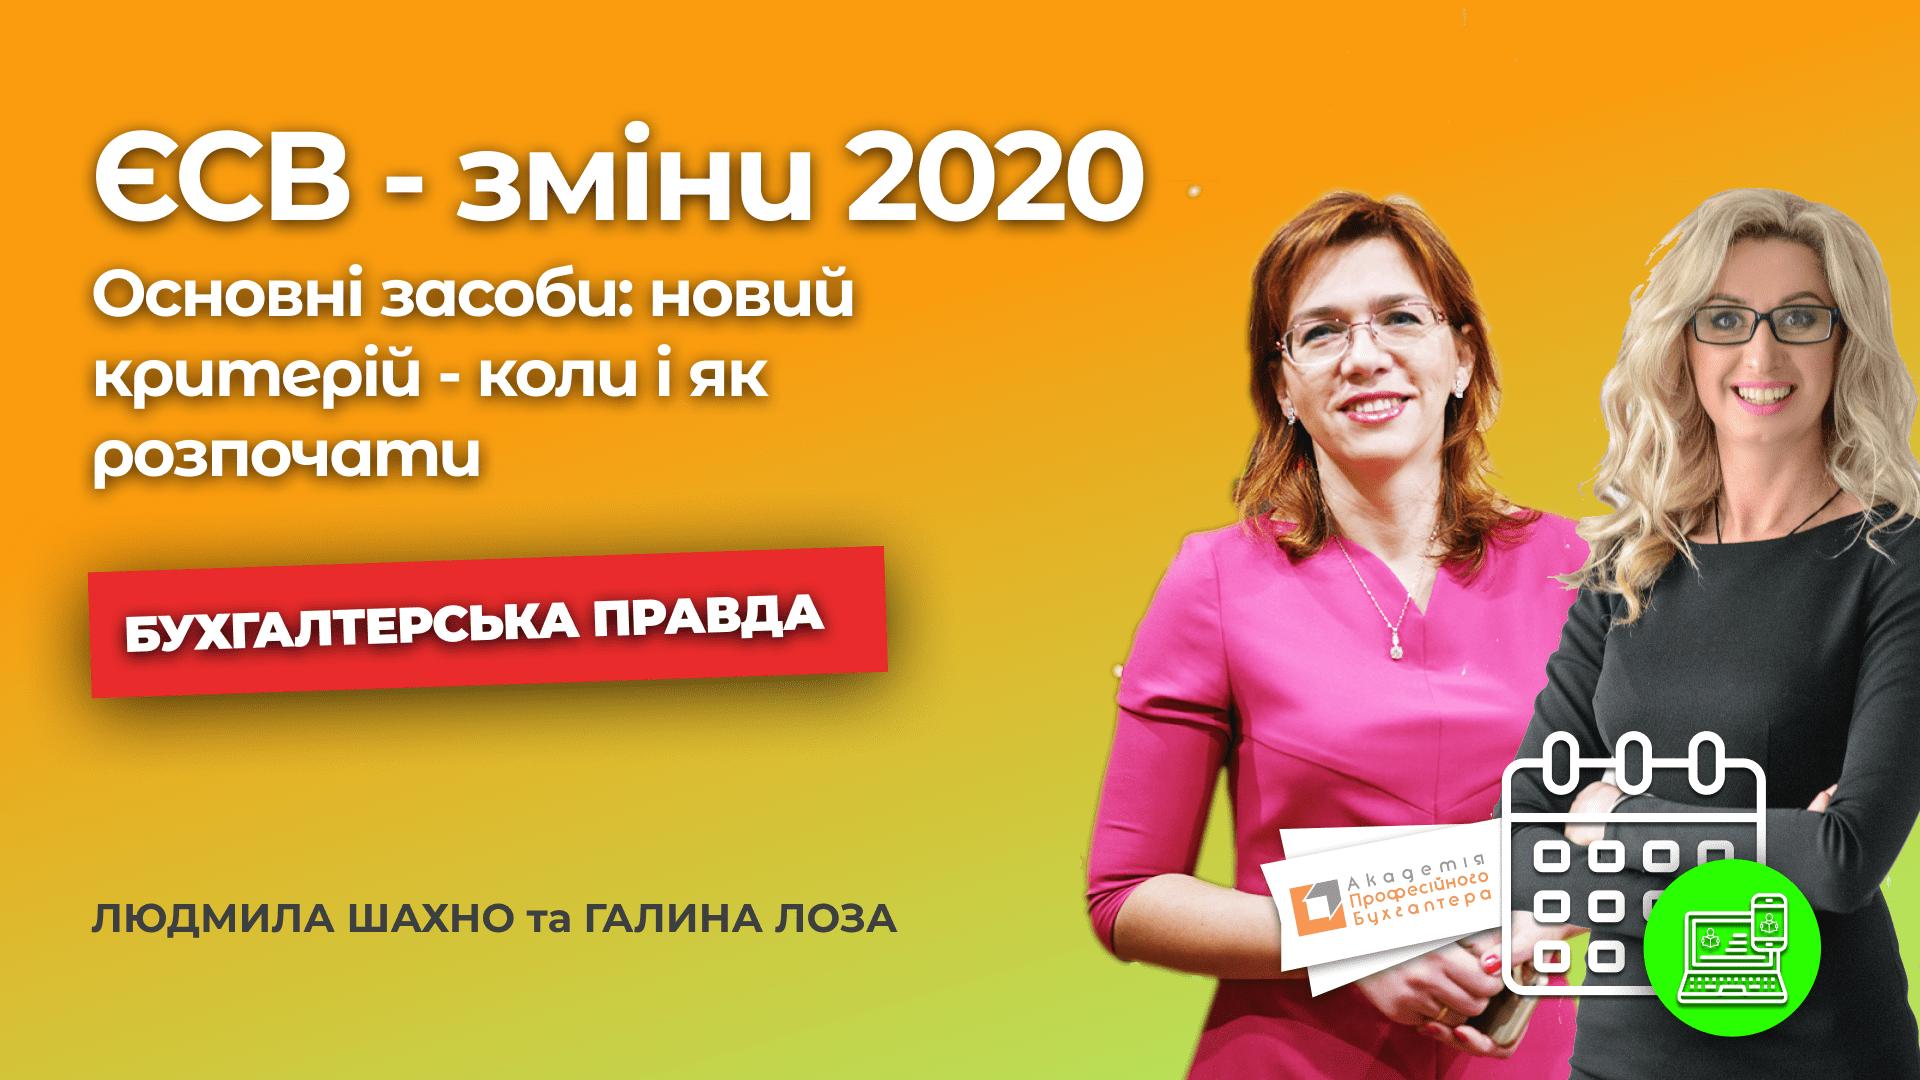 ЄСВ - зміни 2020